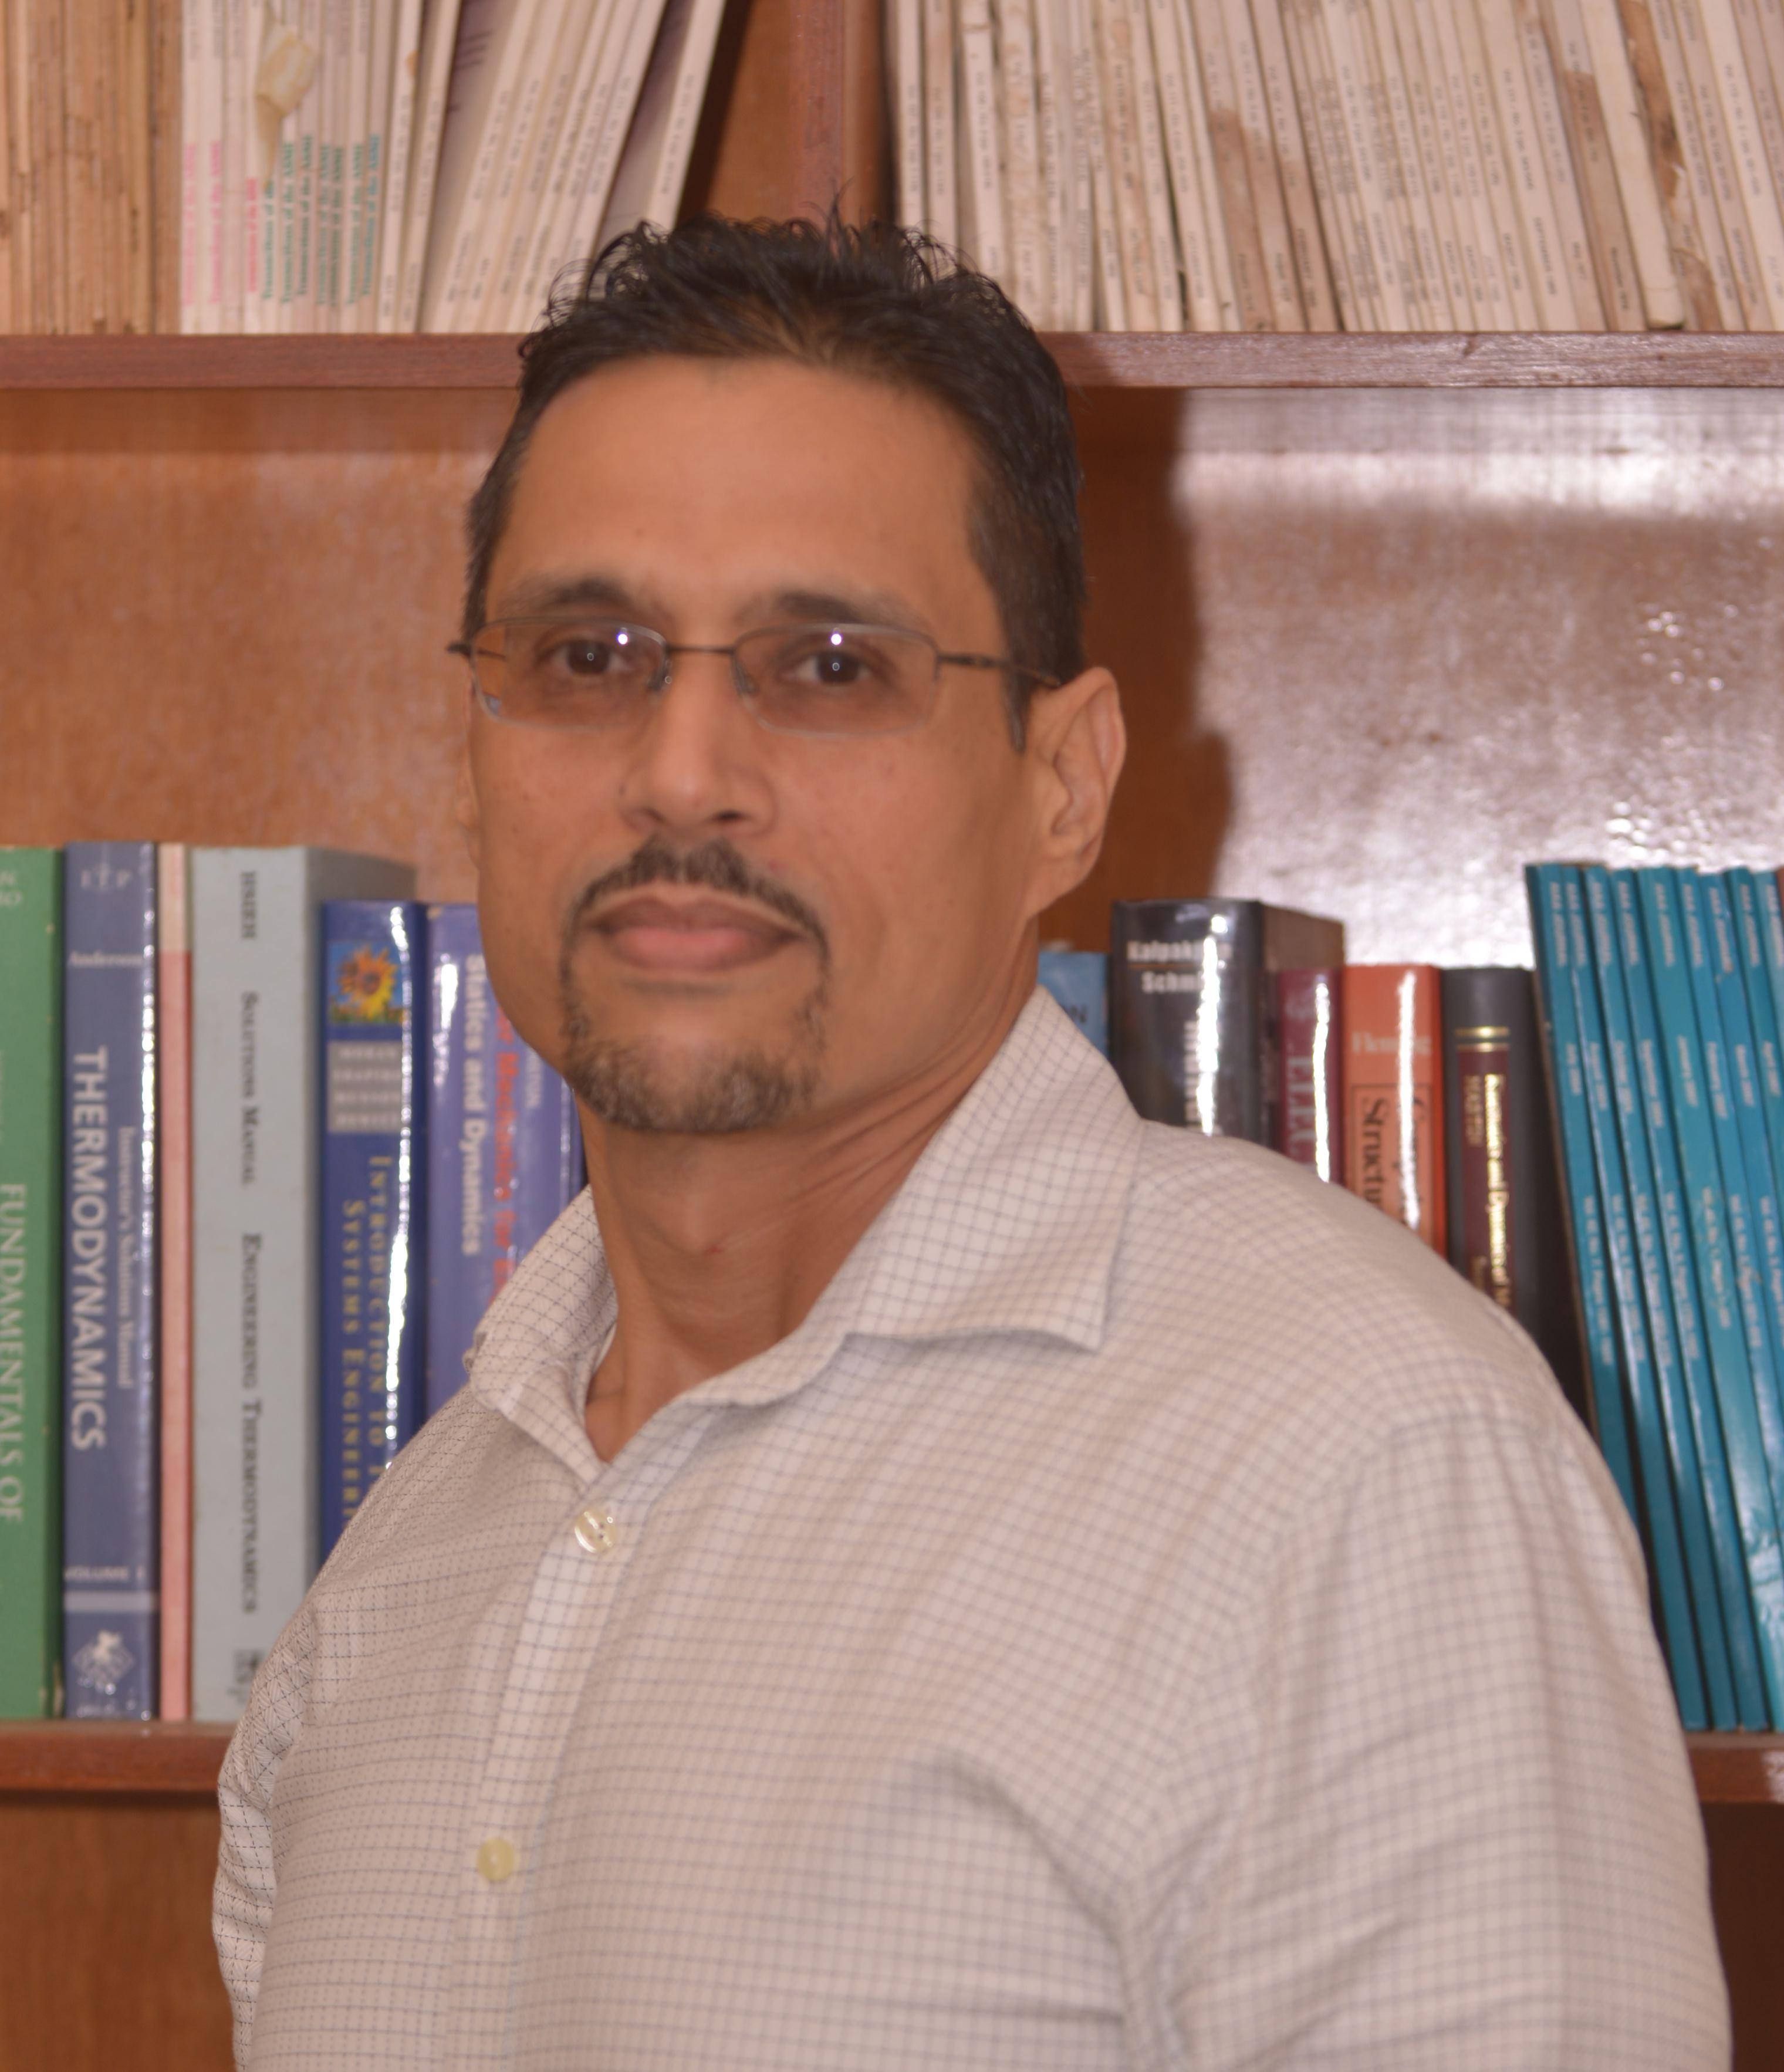 Francisco Rodriguez Robles, Ph.D